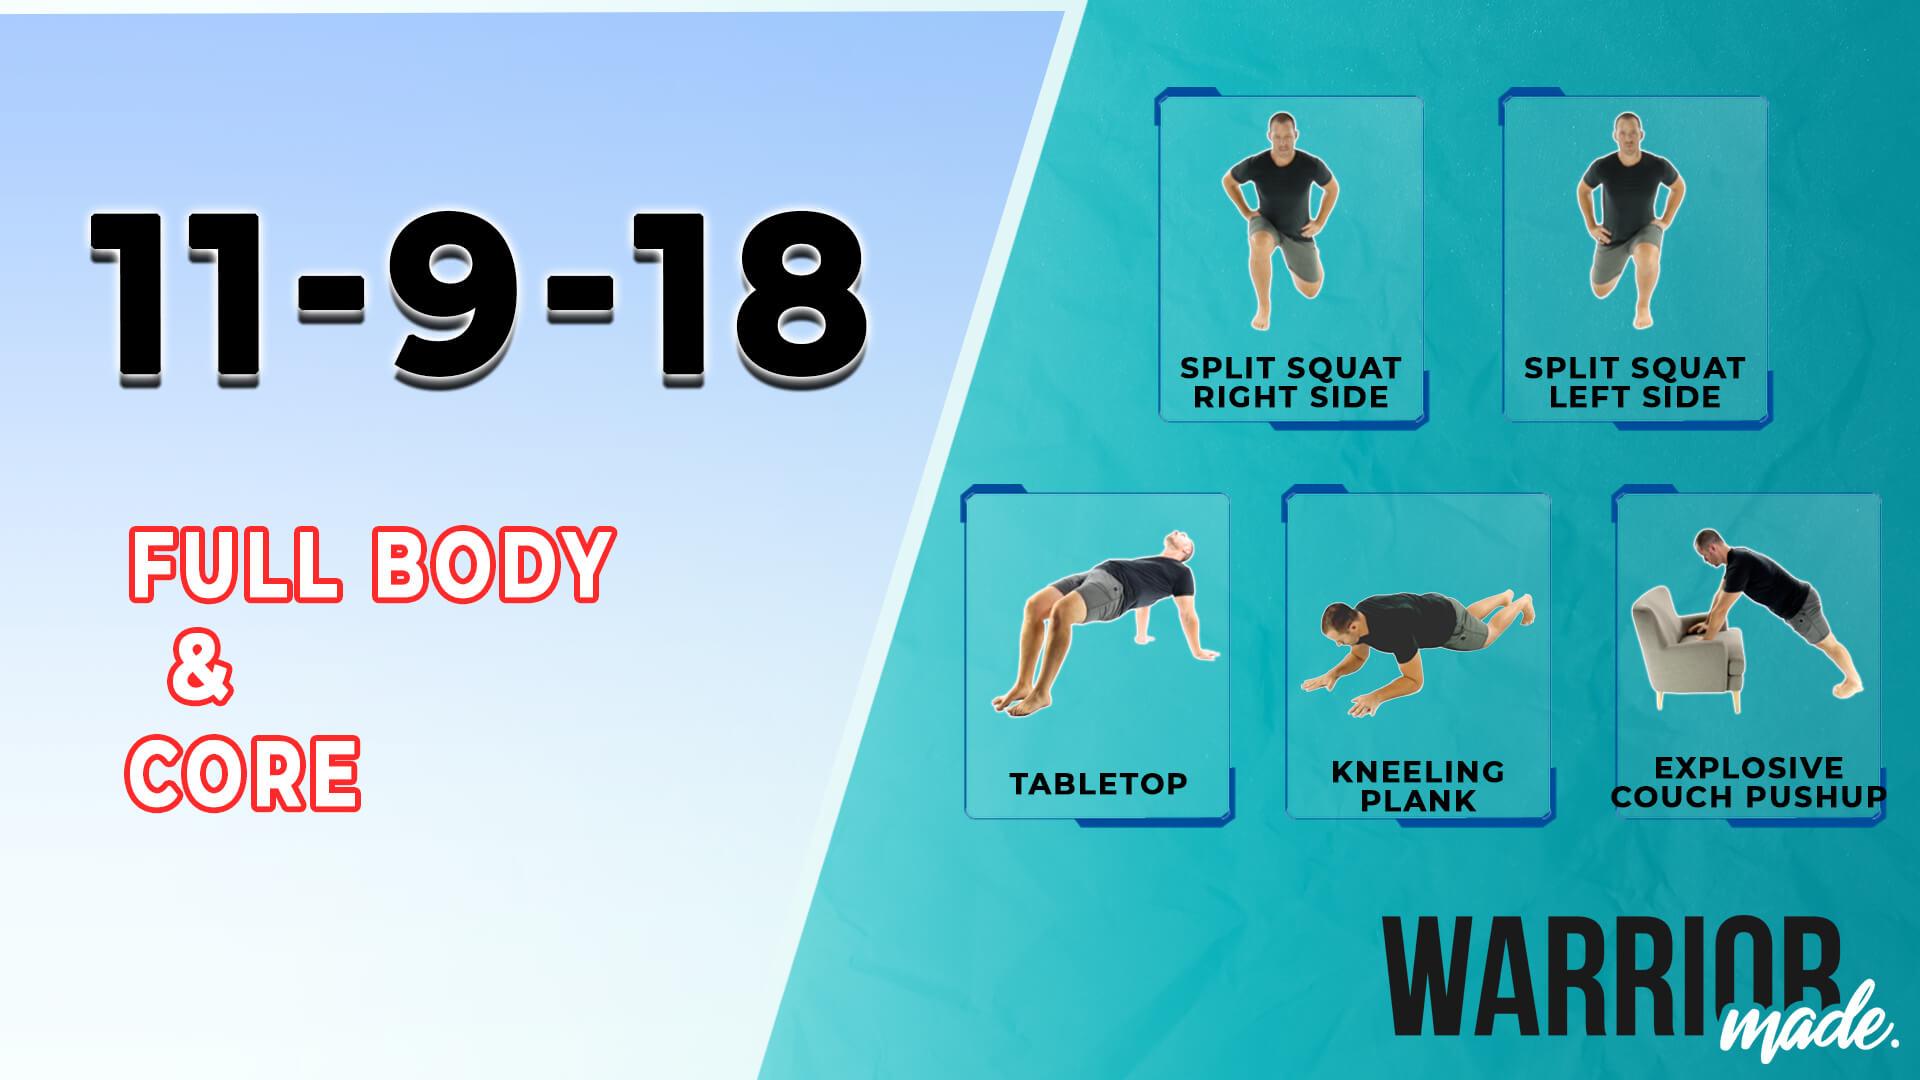 workouts-11-09-18